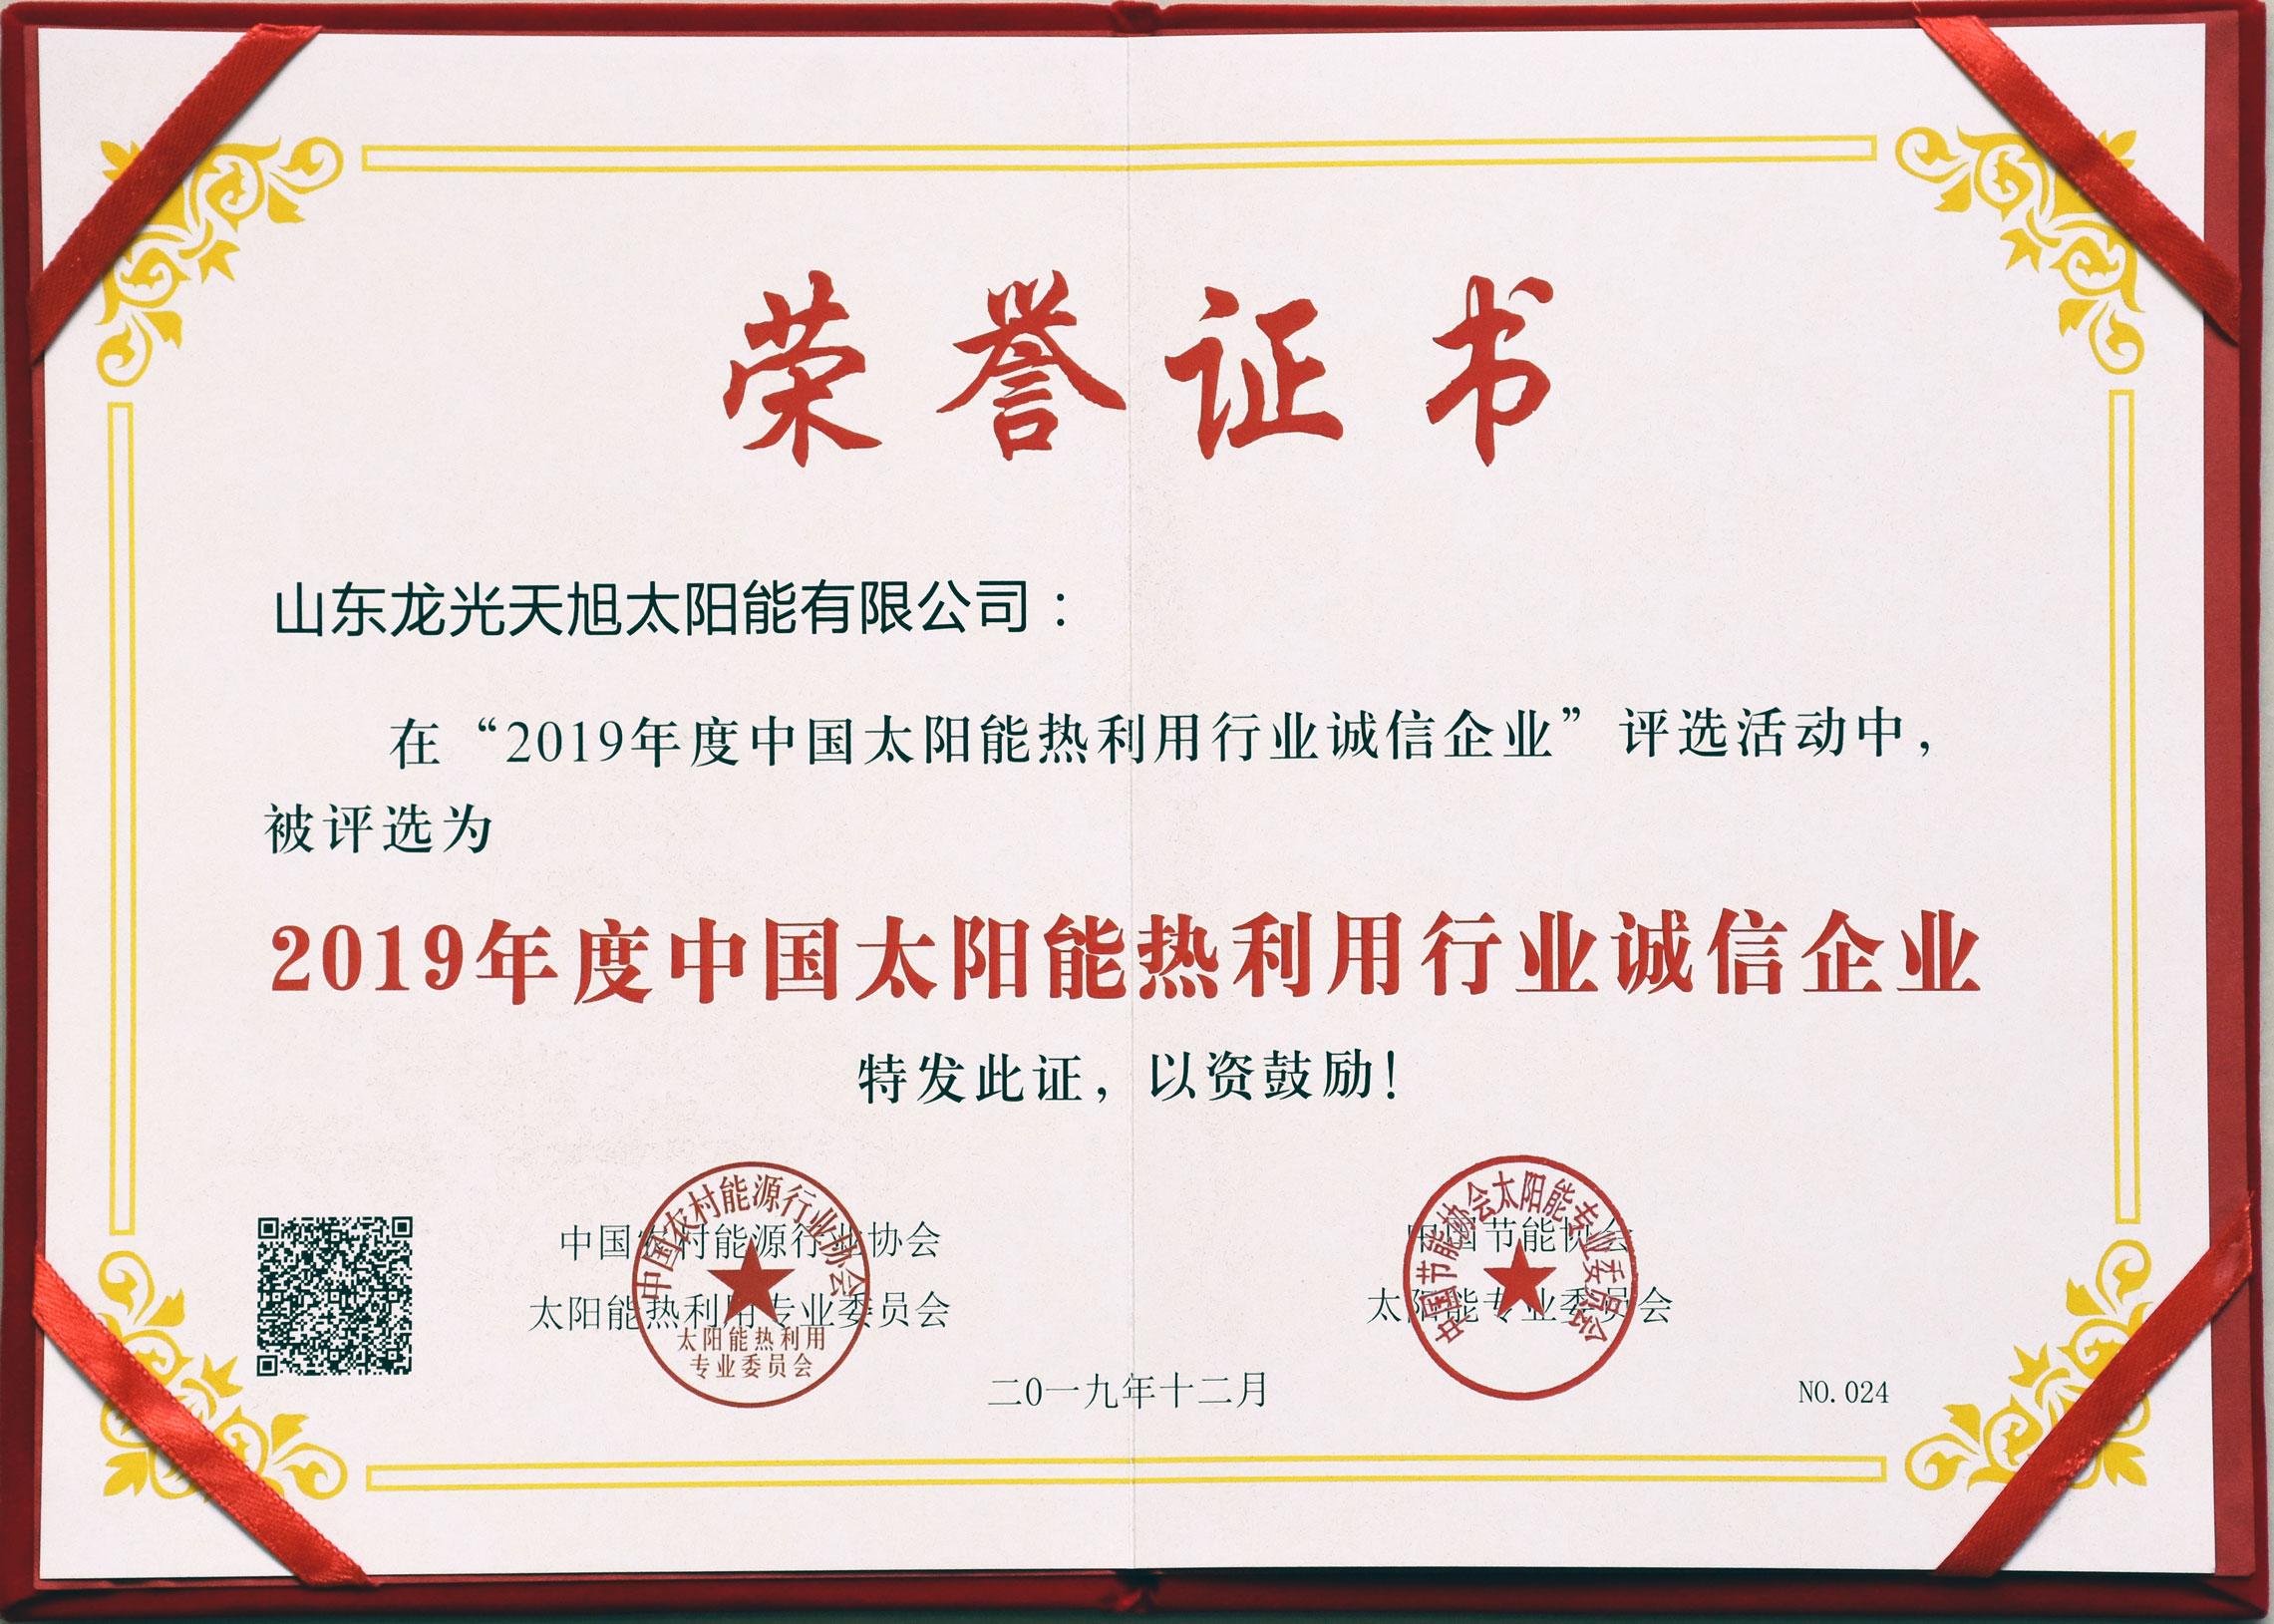 2019年度中国太阳能热利用行业诚信企业